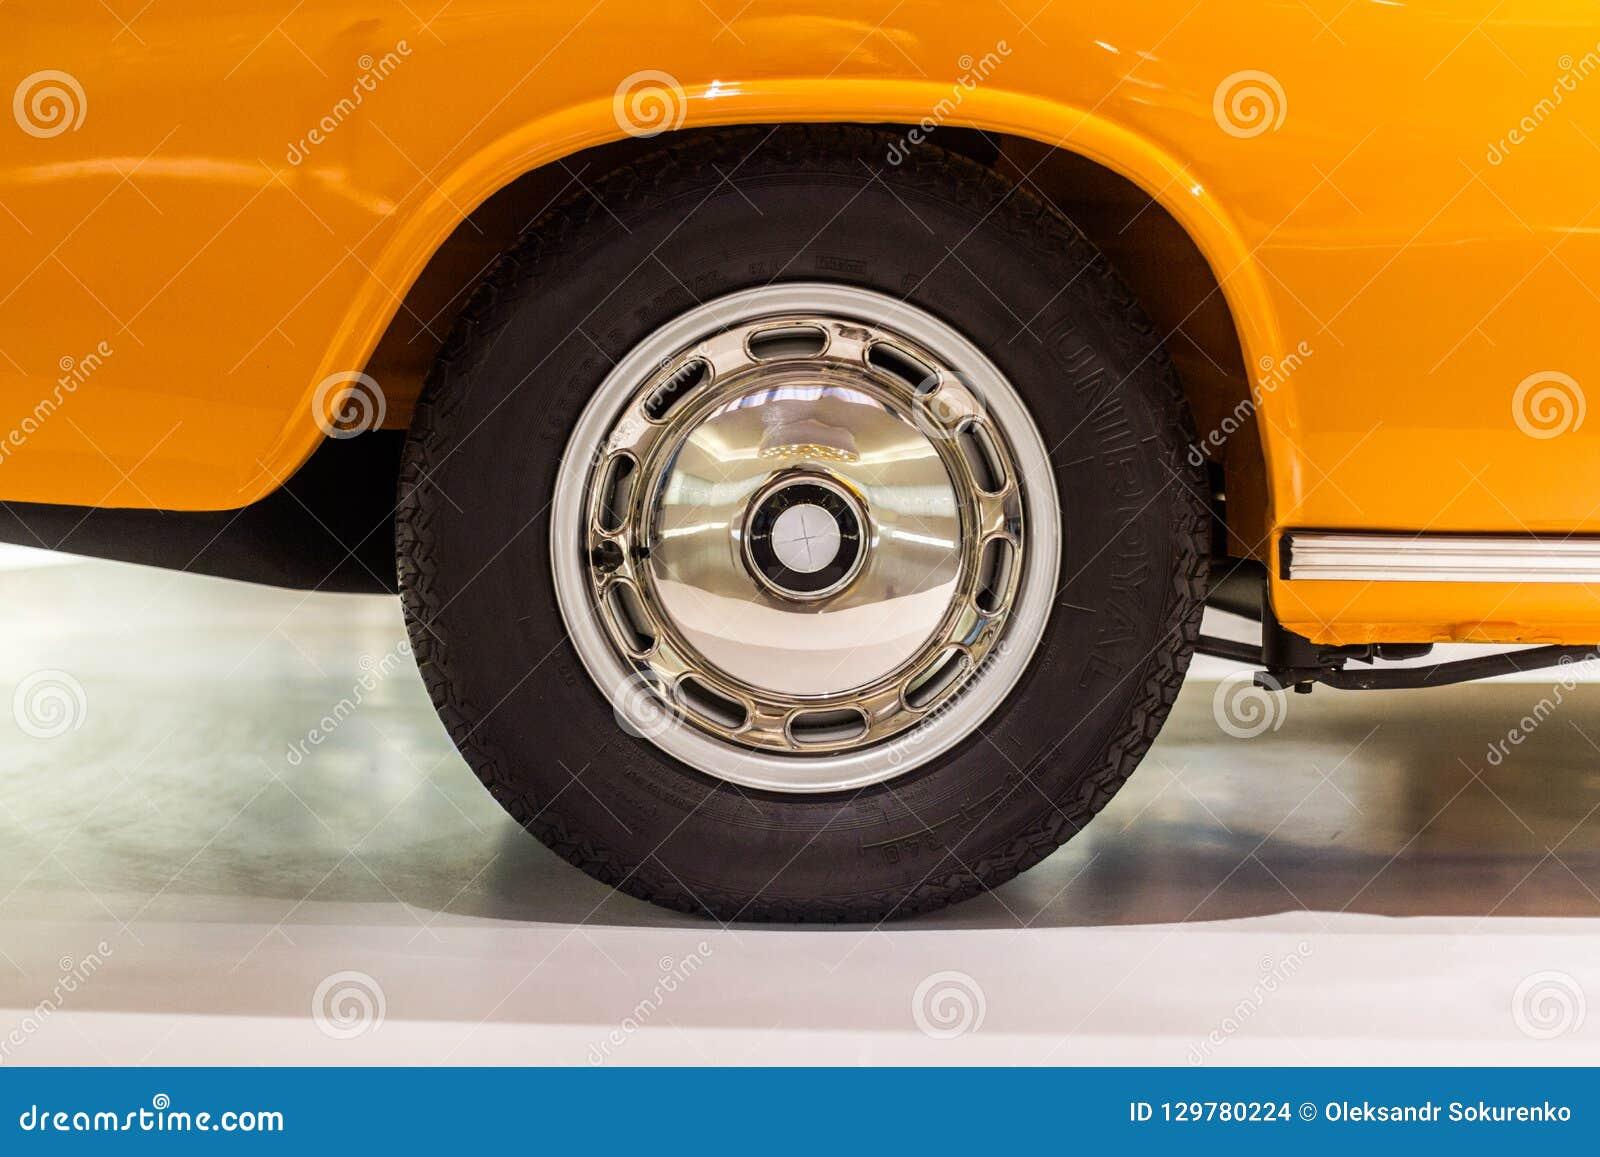 Borda lustrada do carro com a roda preta do vintage no carro alaranjado